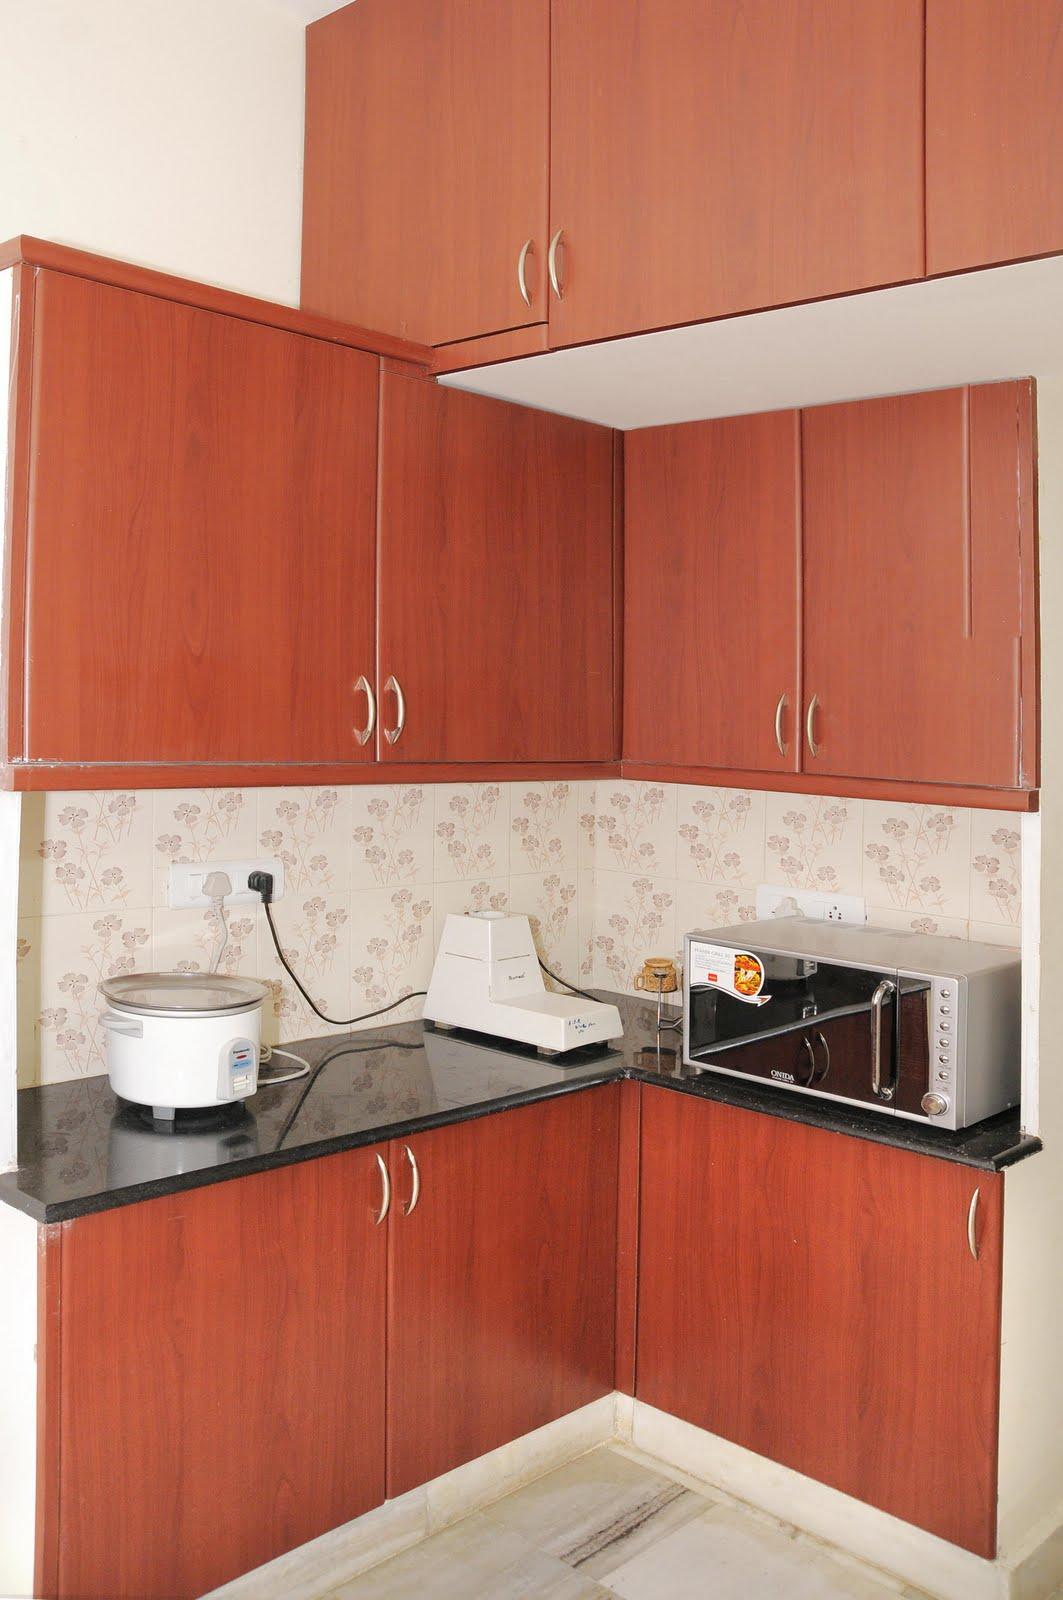 SRI AKRUTHI ENTERPRISES.,VIJAYAWADA Modular Kitchens in ...